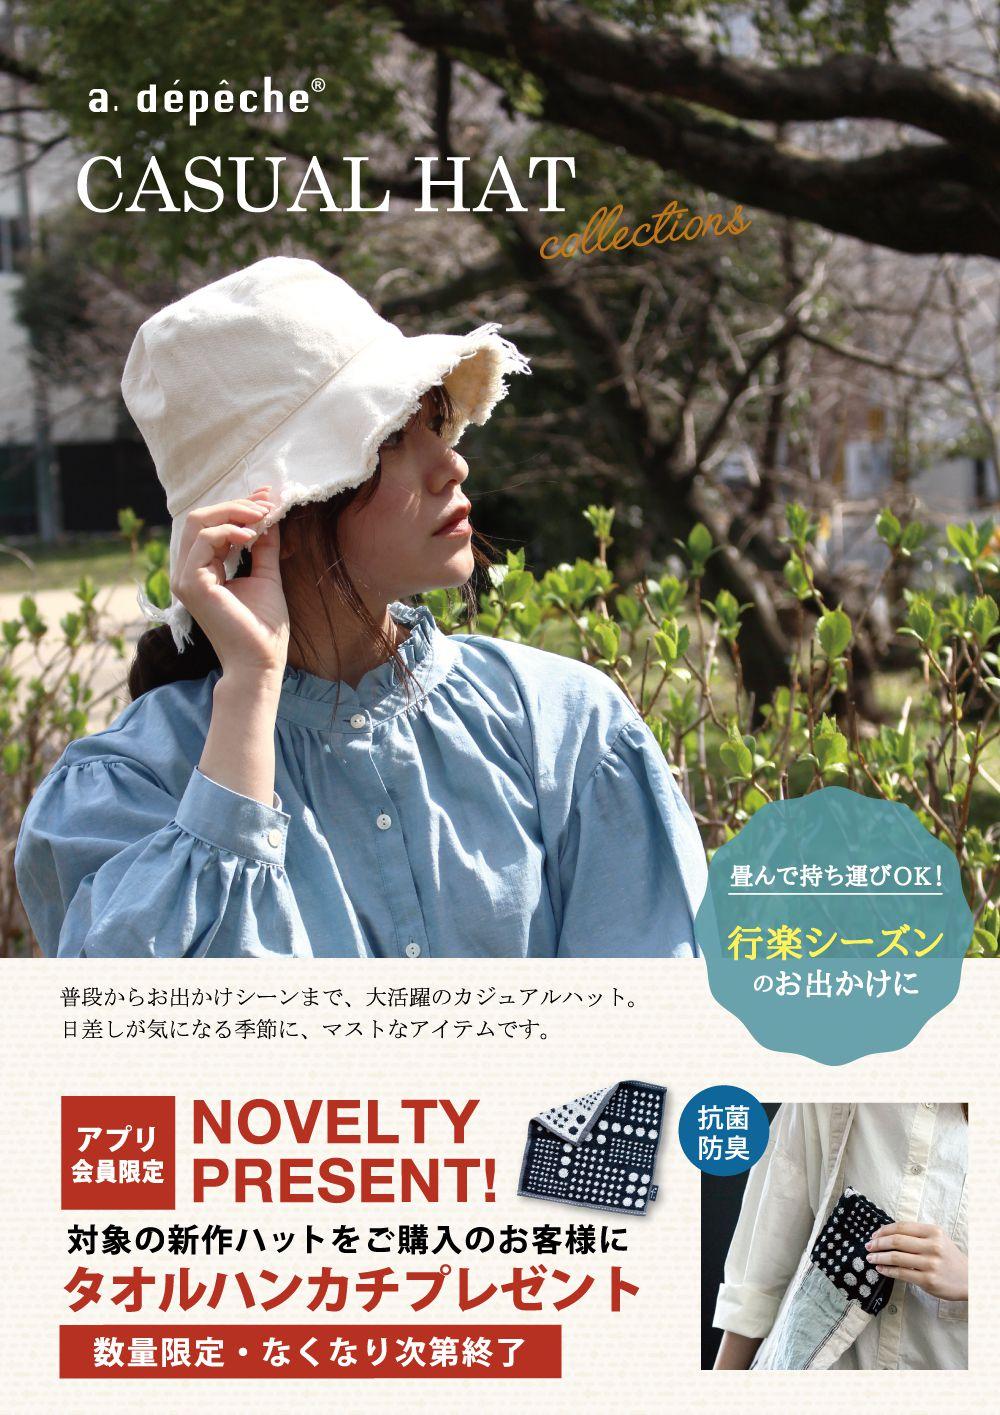 おすすめ新作◆帽子◆入荷のご案内